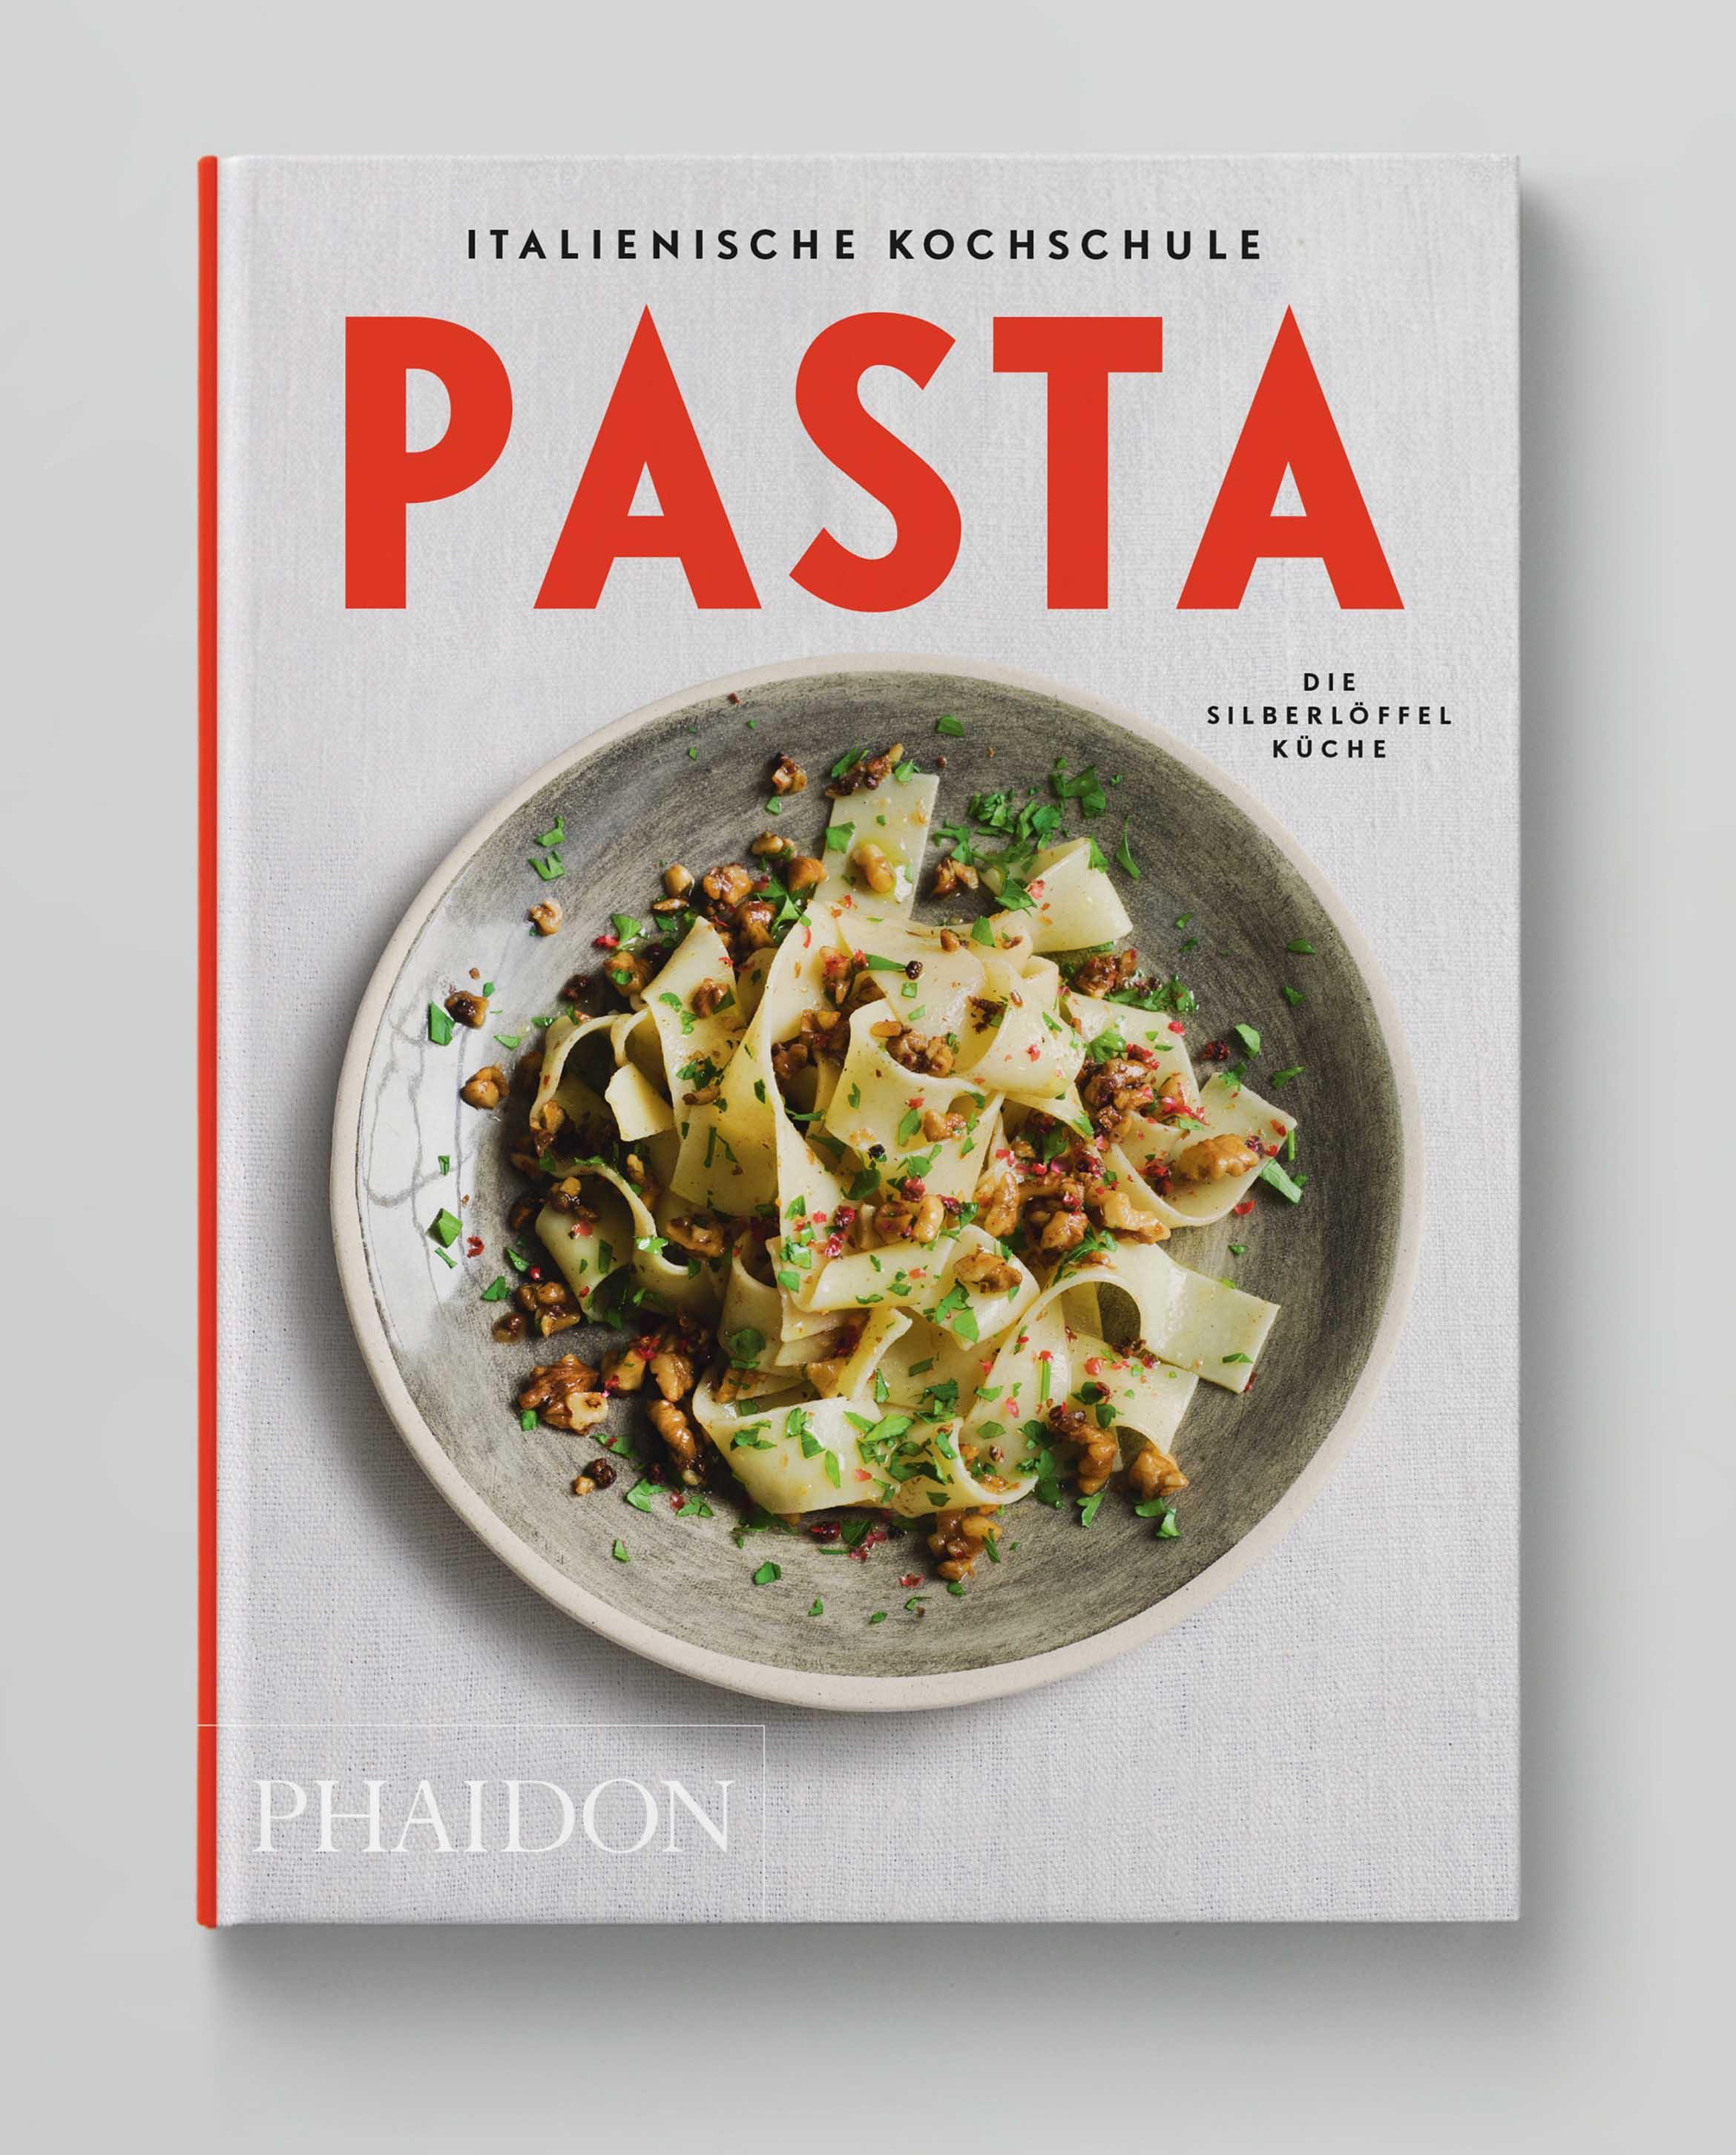 Italienische Kochschule Pasta Die Silberlöffel Küche Phaidon Cover